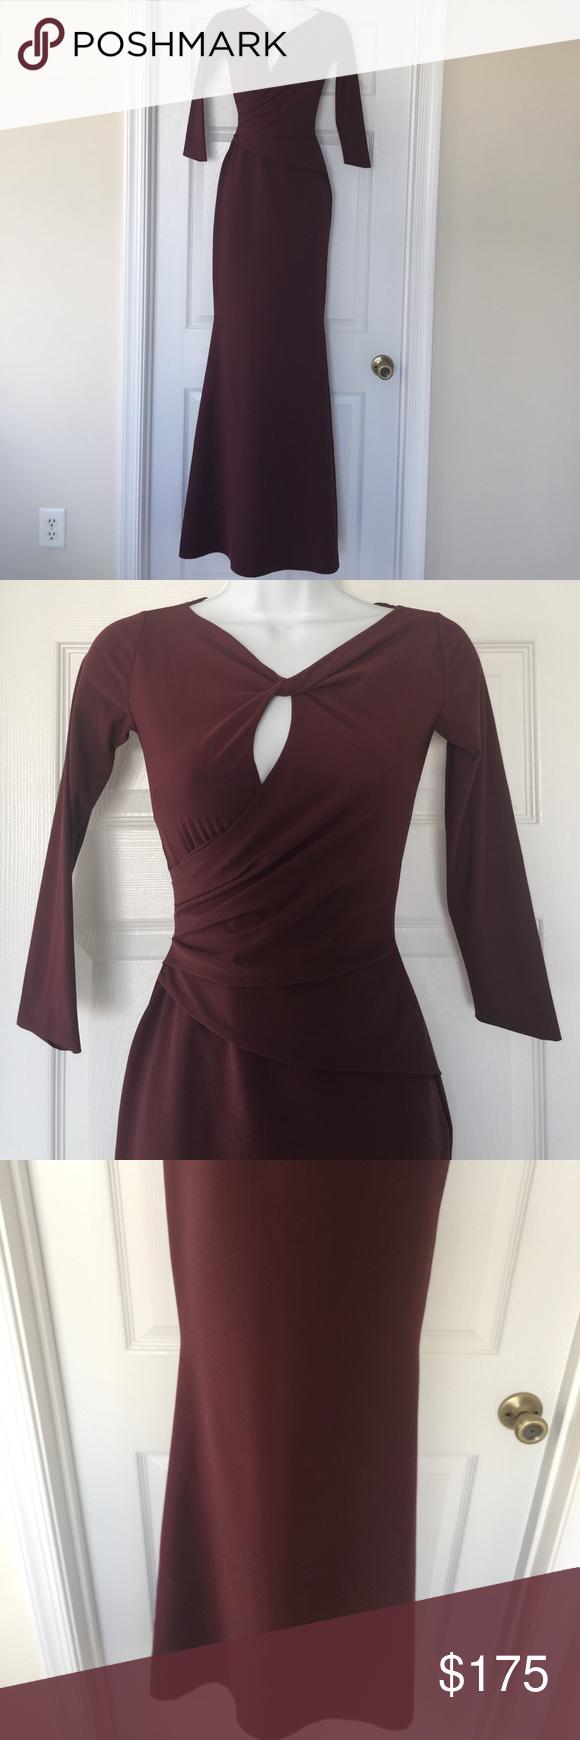 La petite robe fabric